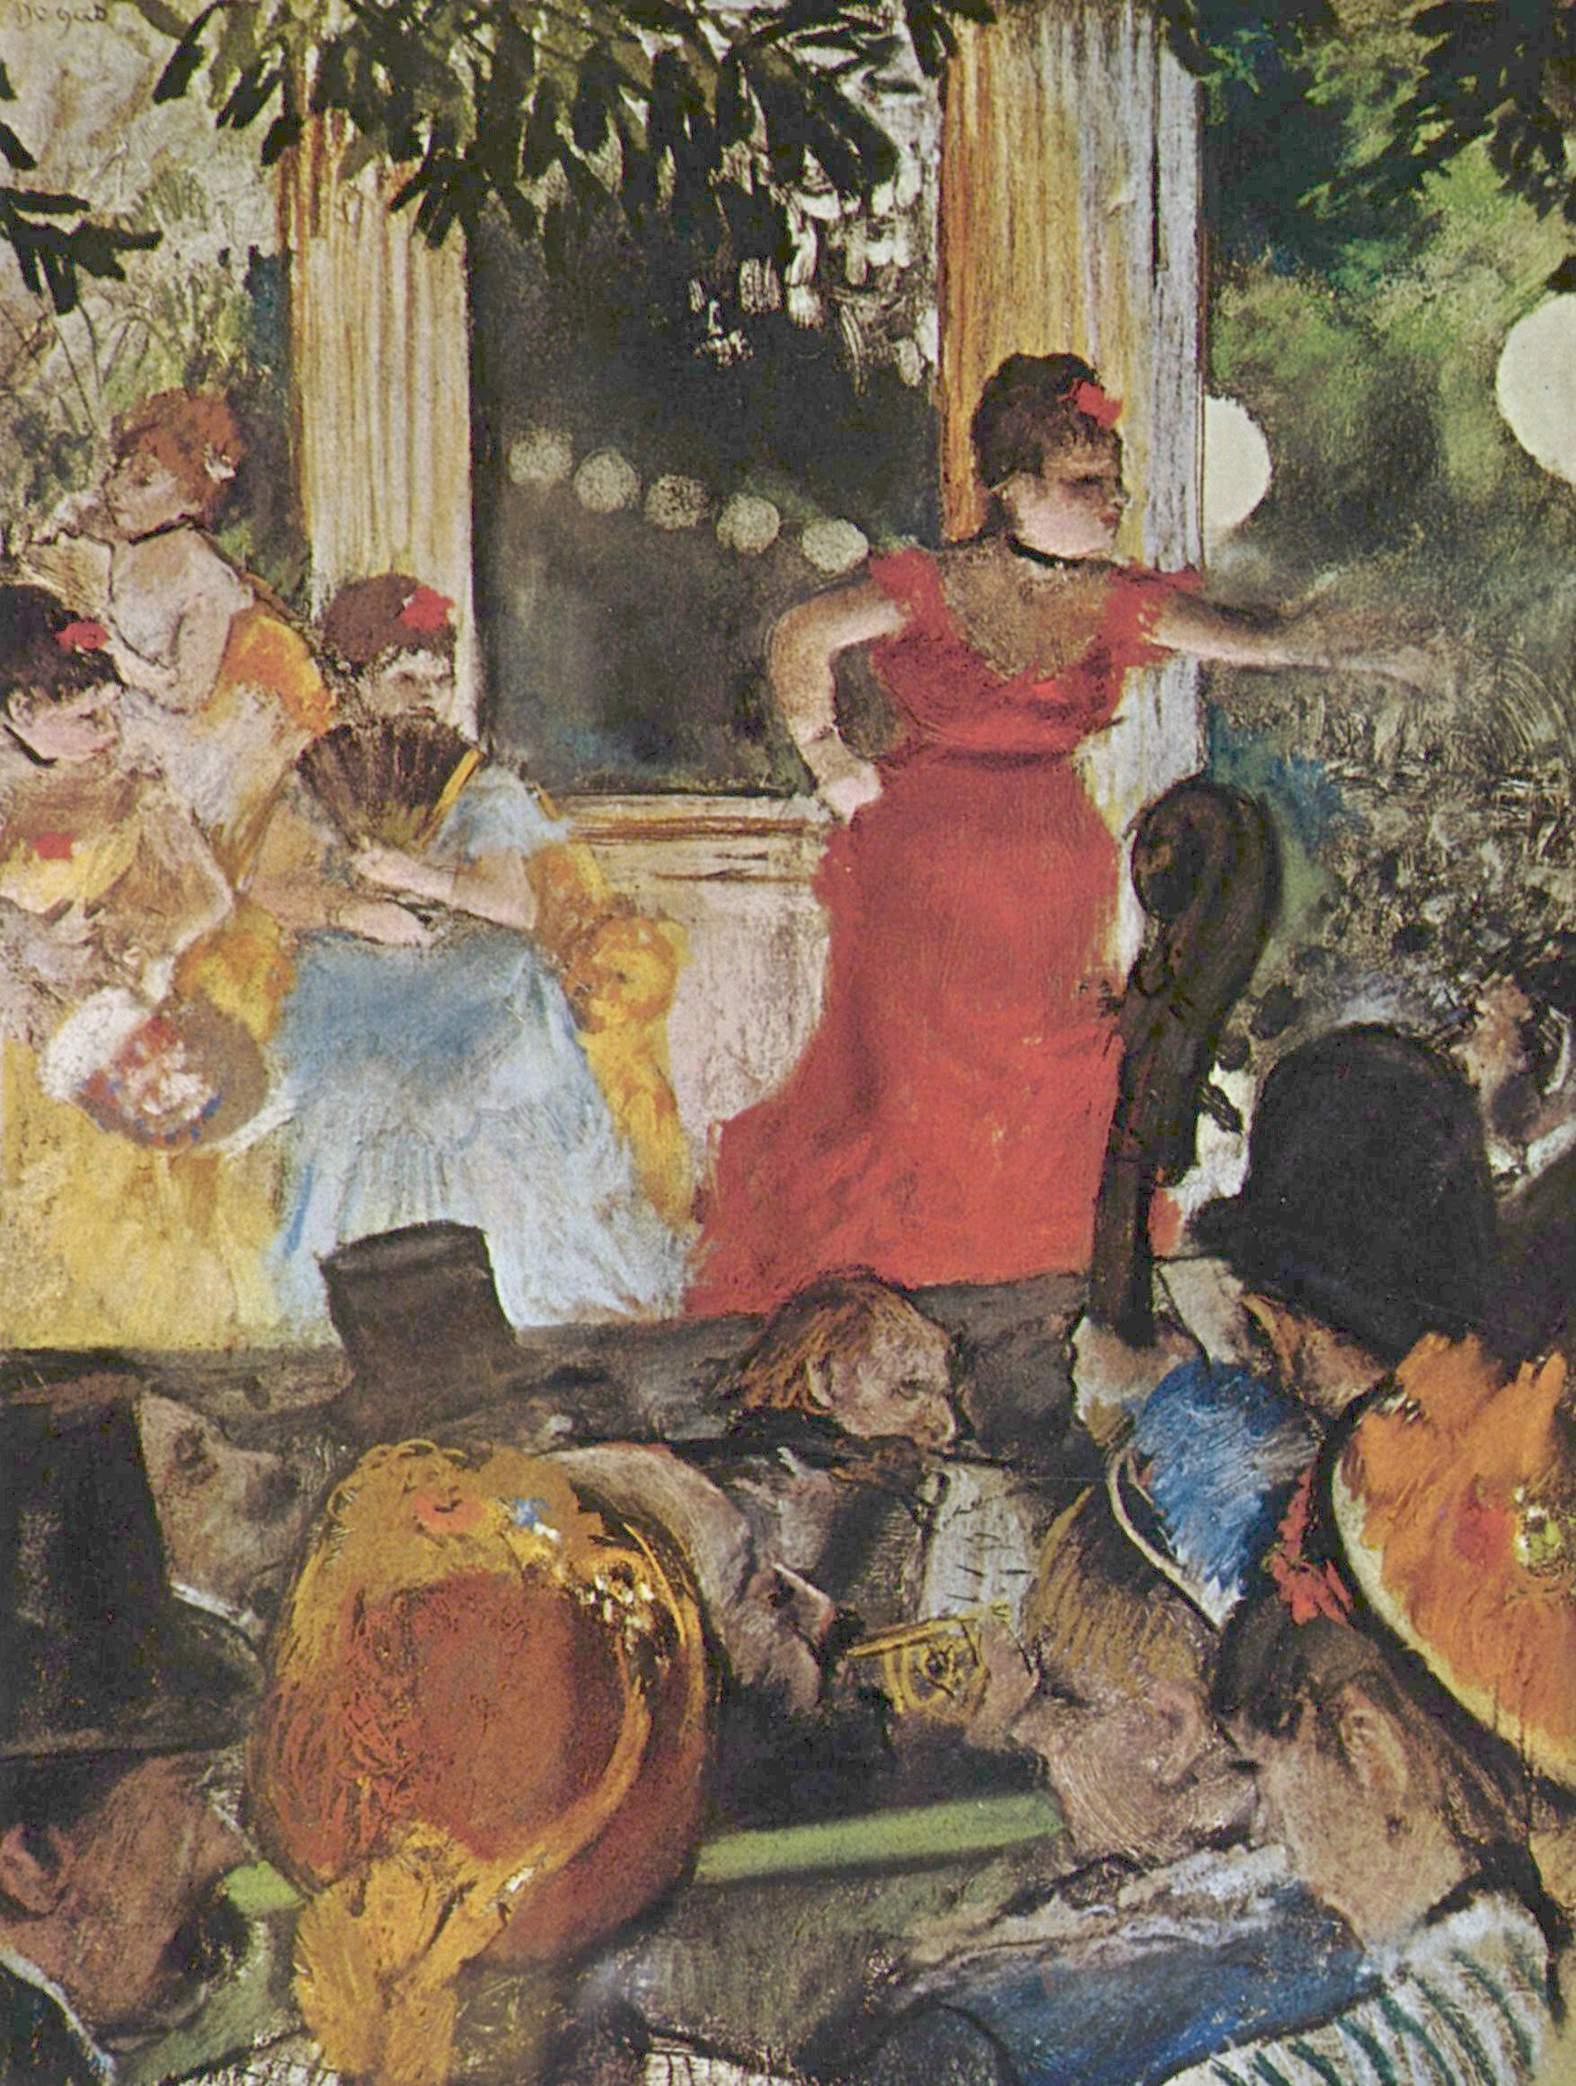 http://upload.wikimedia.org/wikipedia/commons/d/d0/Edgar_Germain_Hilaire_Degas_038.jpg